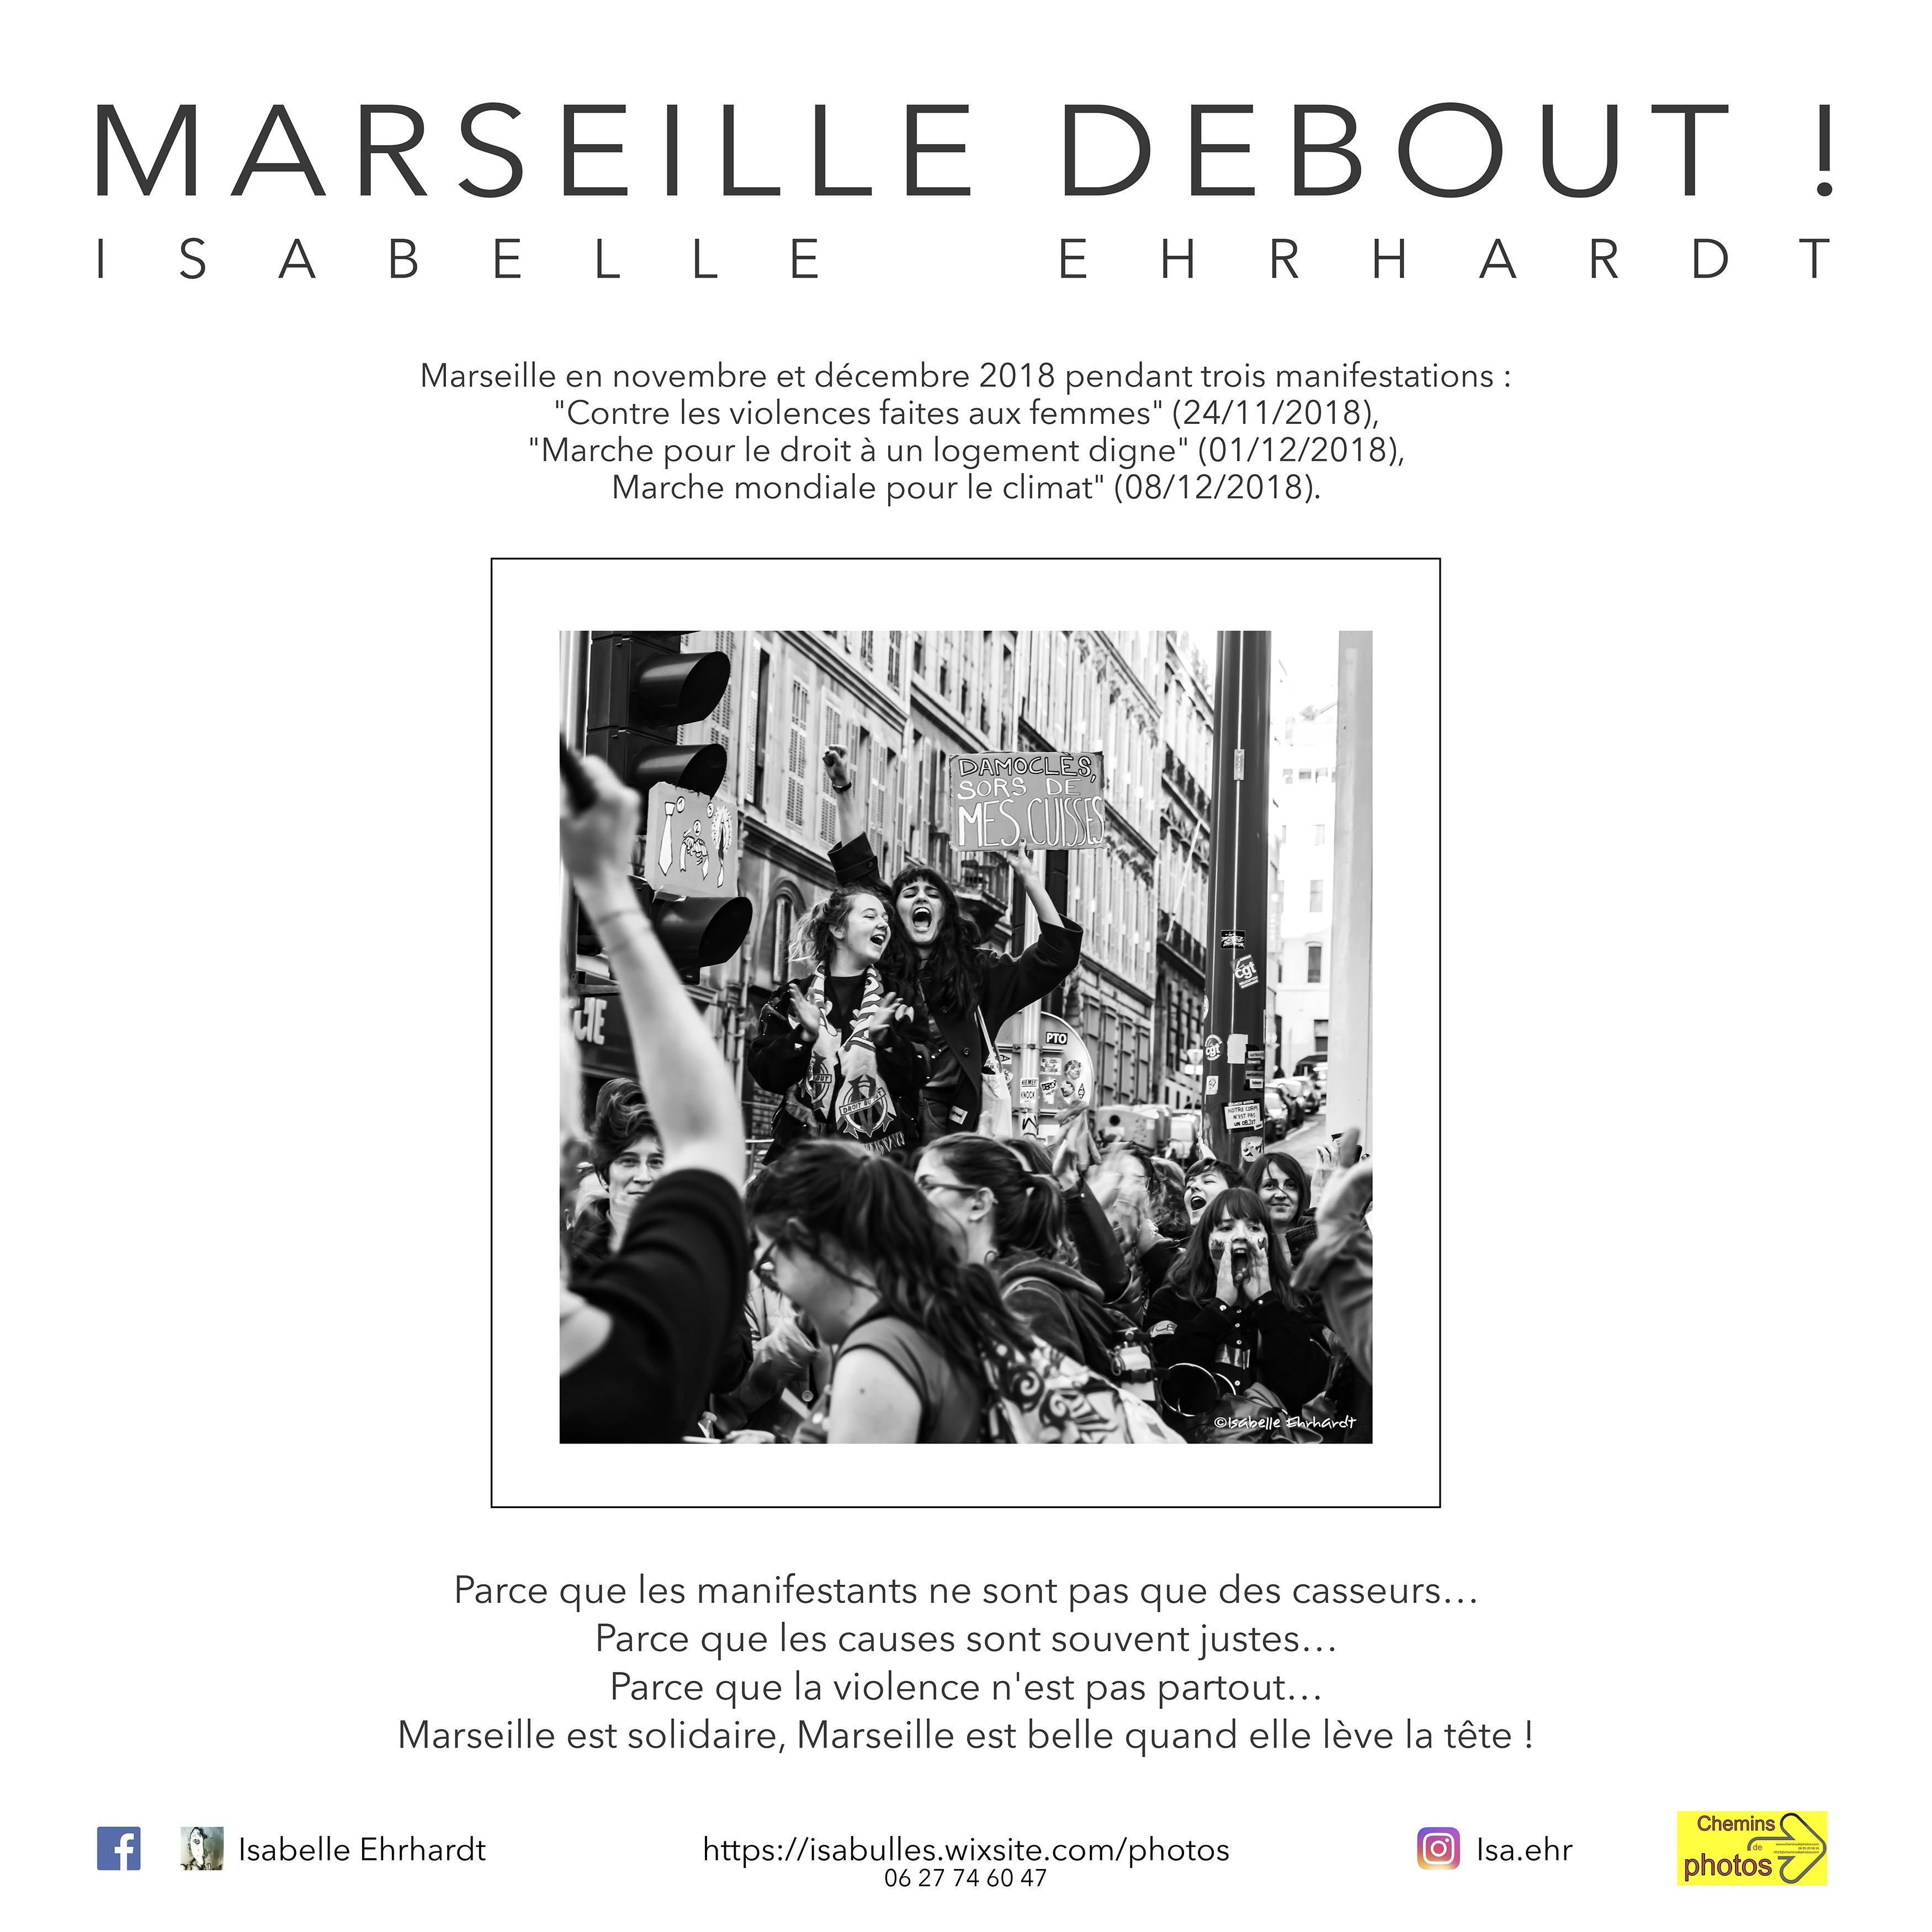 Marseille debout - Isabelle Ehrhardt à Ferran